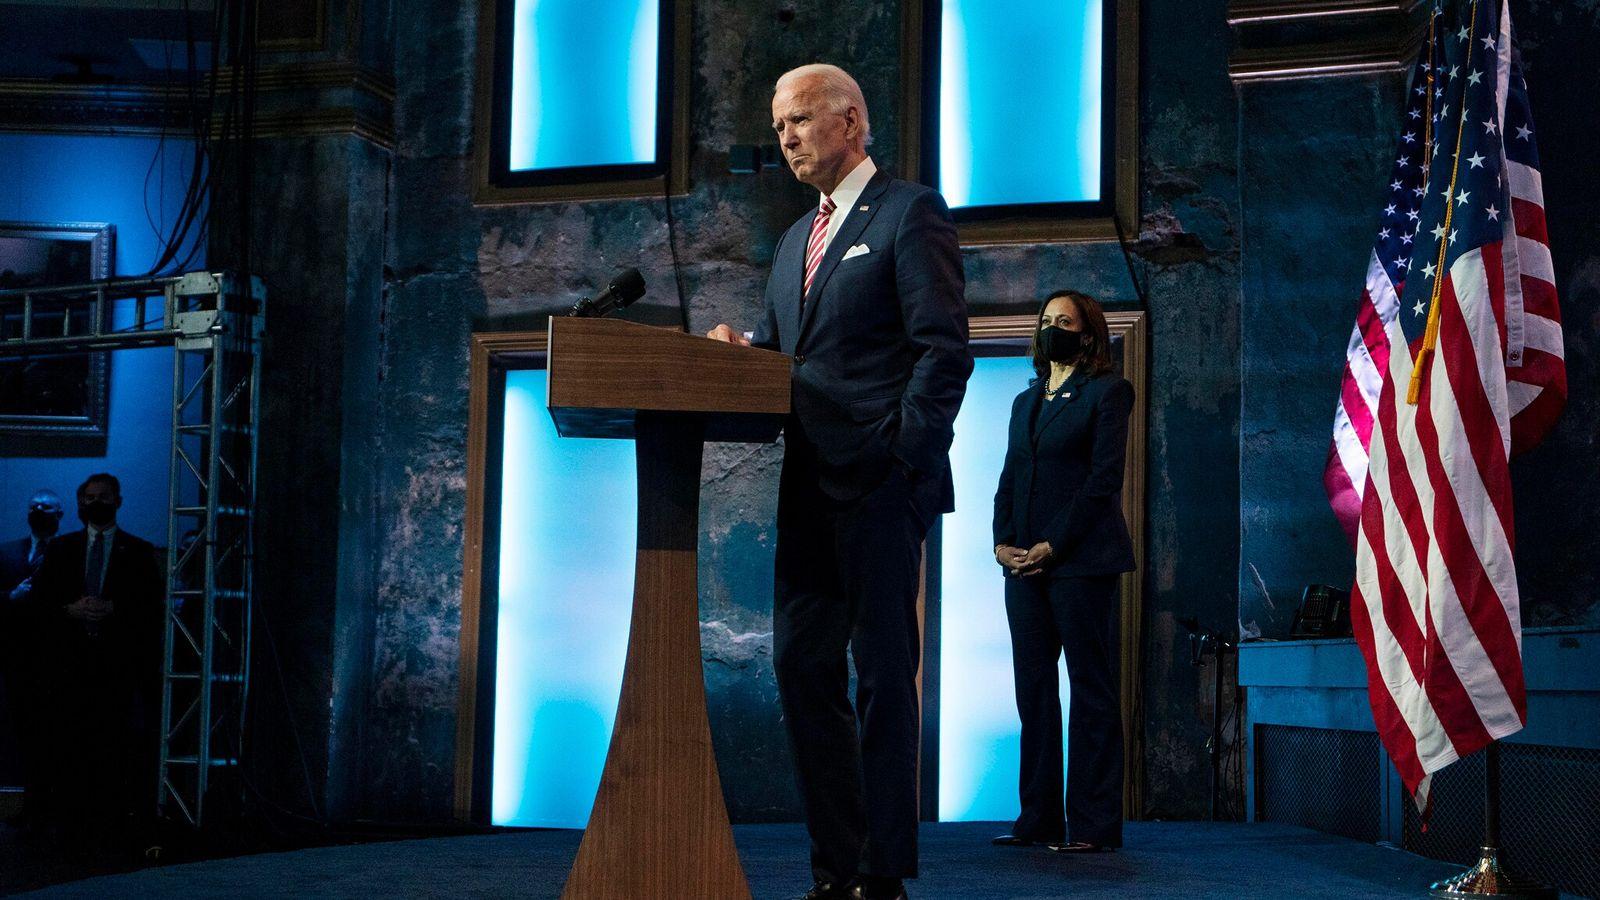 El presidente electo Joe Biden habla mientras la vicepresidenta electa Kamala Harris observa, en el teatro ...